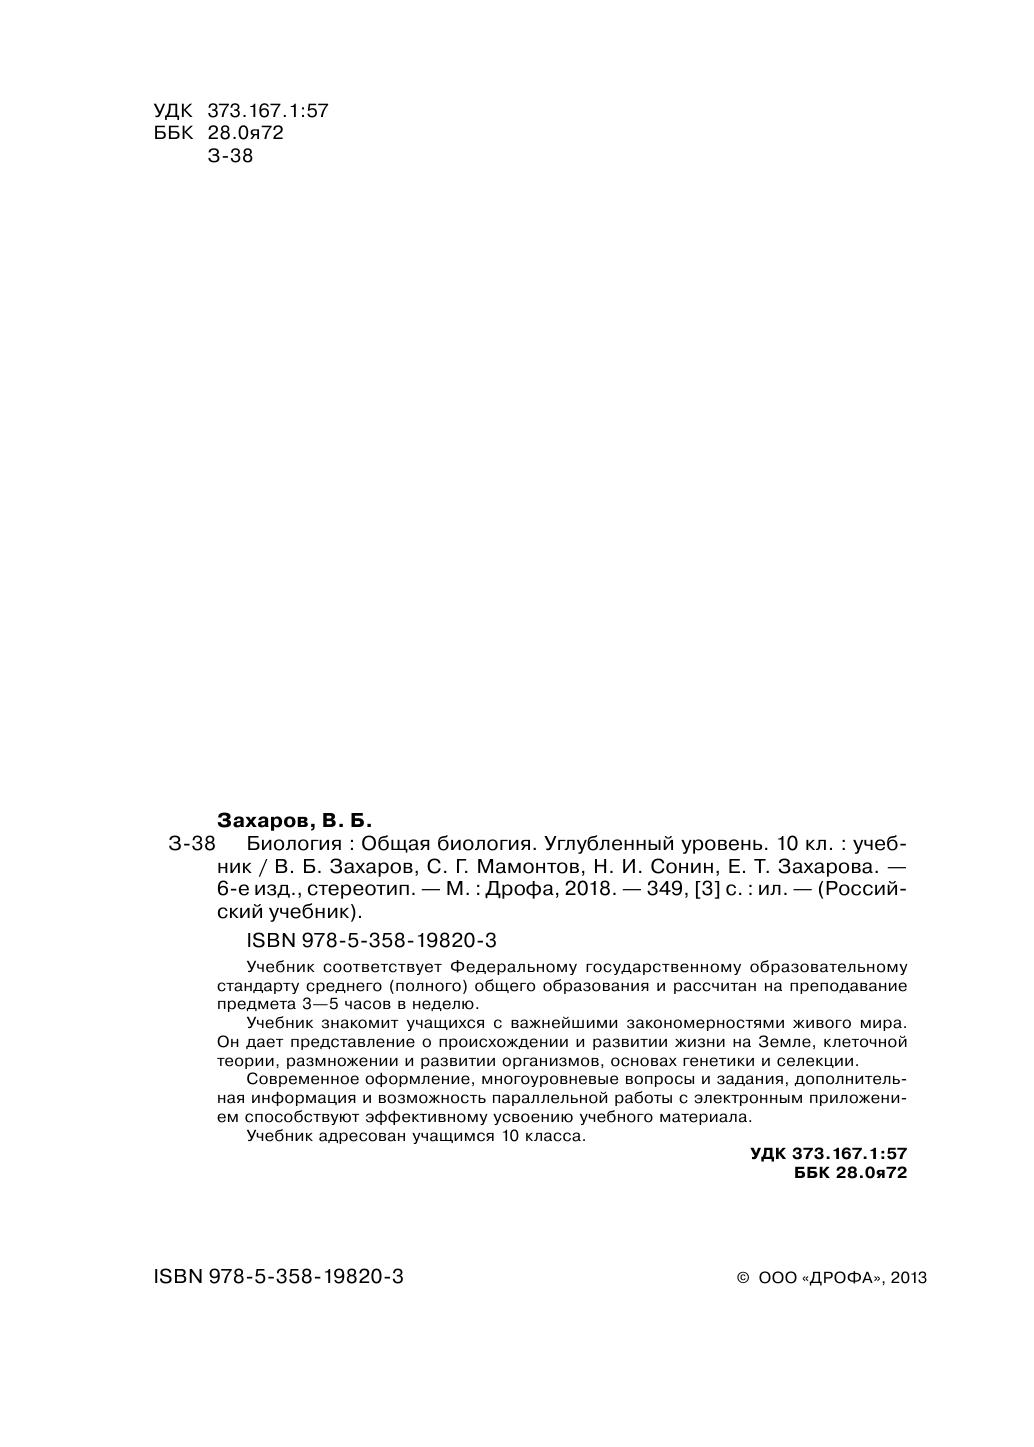 Яндекс гдз по в б захаров с г мамонтов н и сонин общая биология 10-11 класс